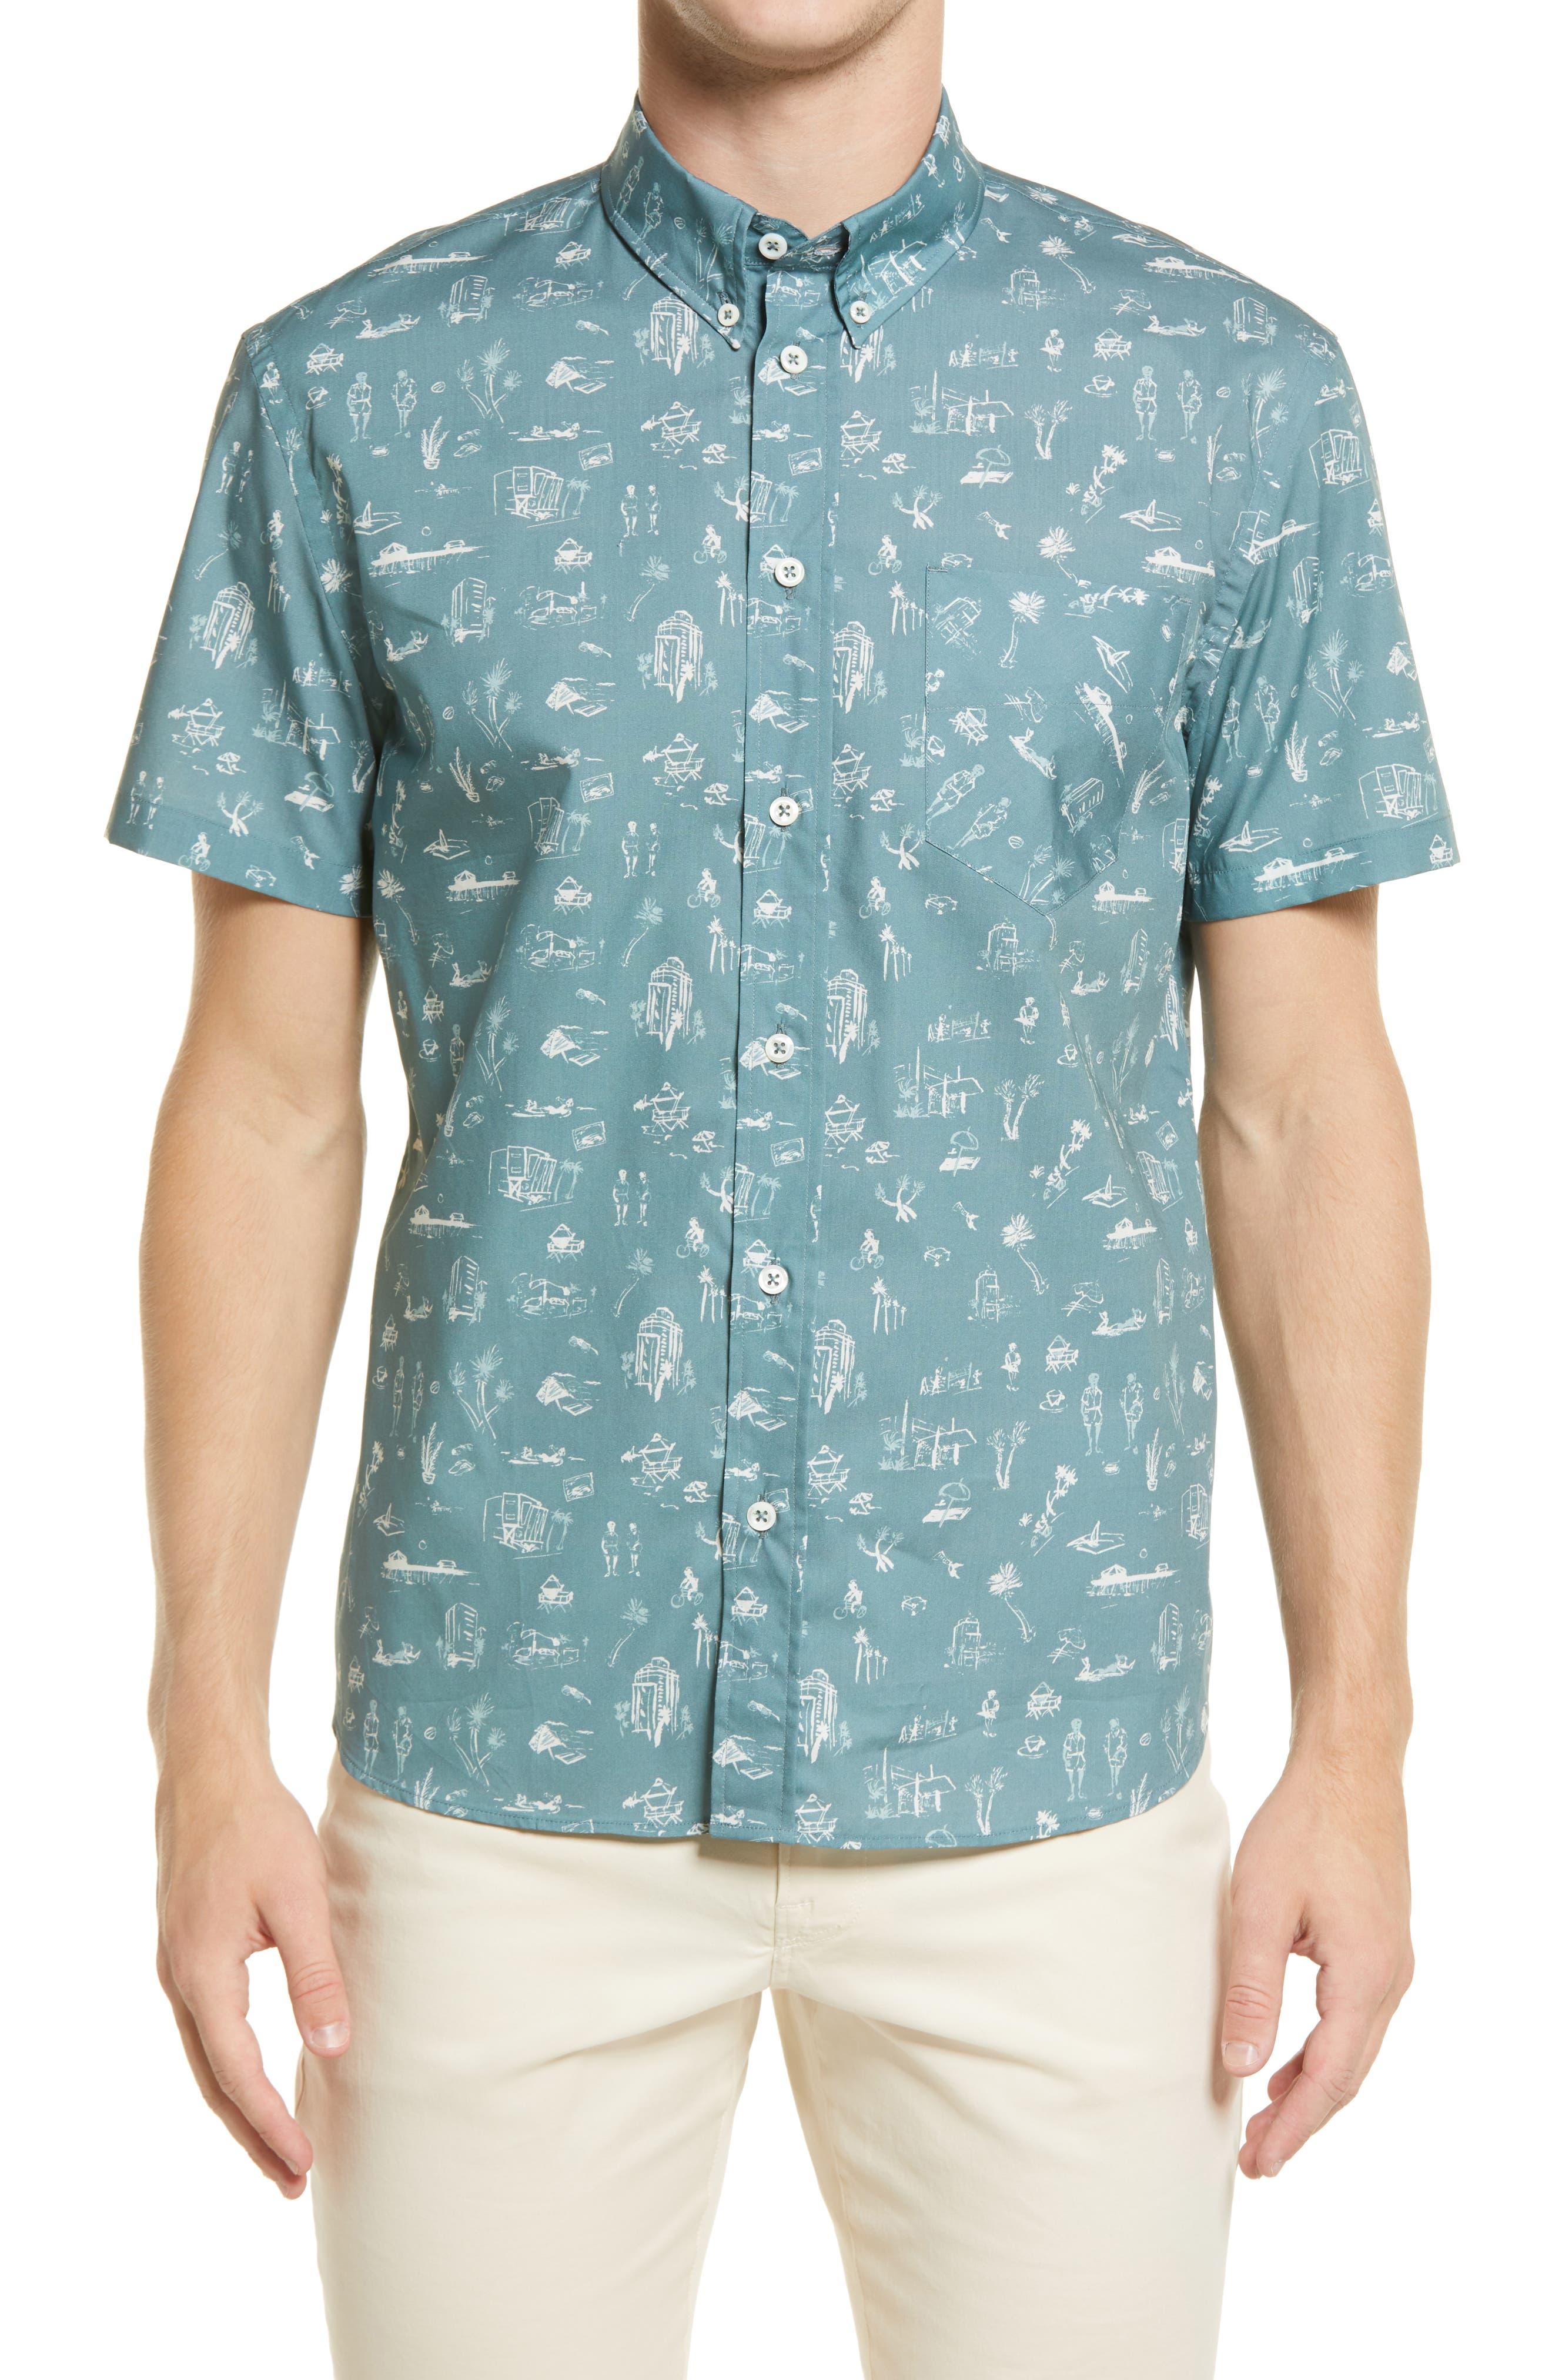 Boardwalk Standard Fit Short Sleeve Button-Down Shirt